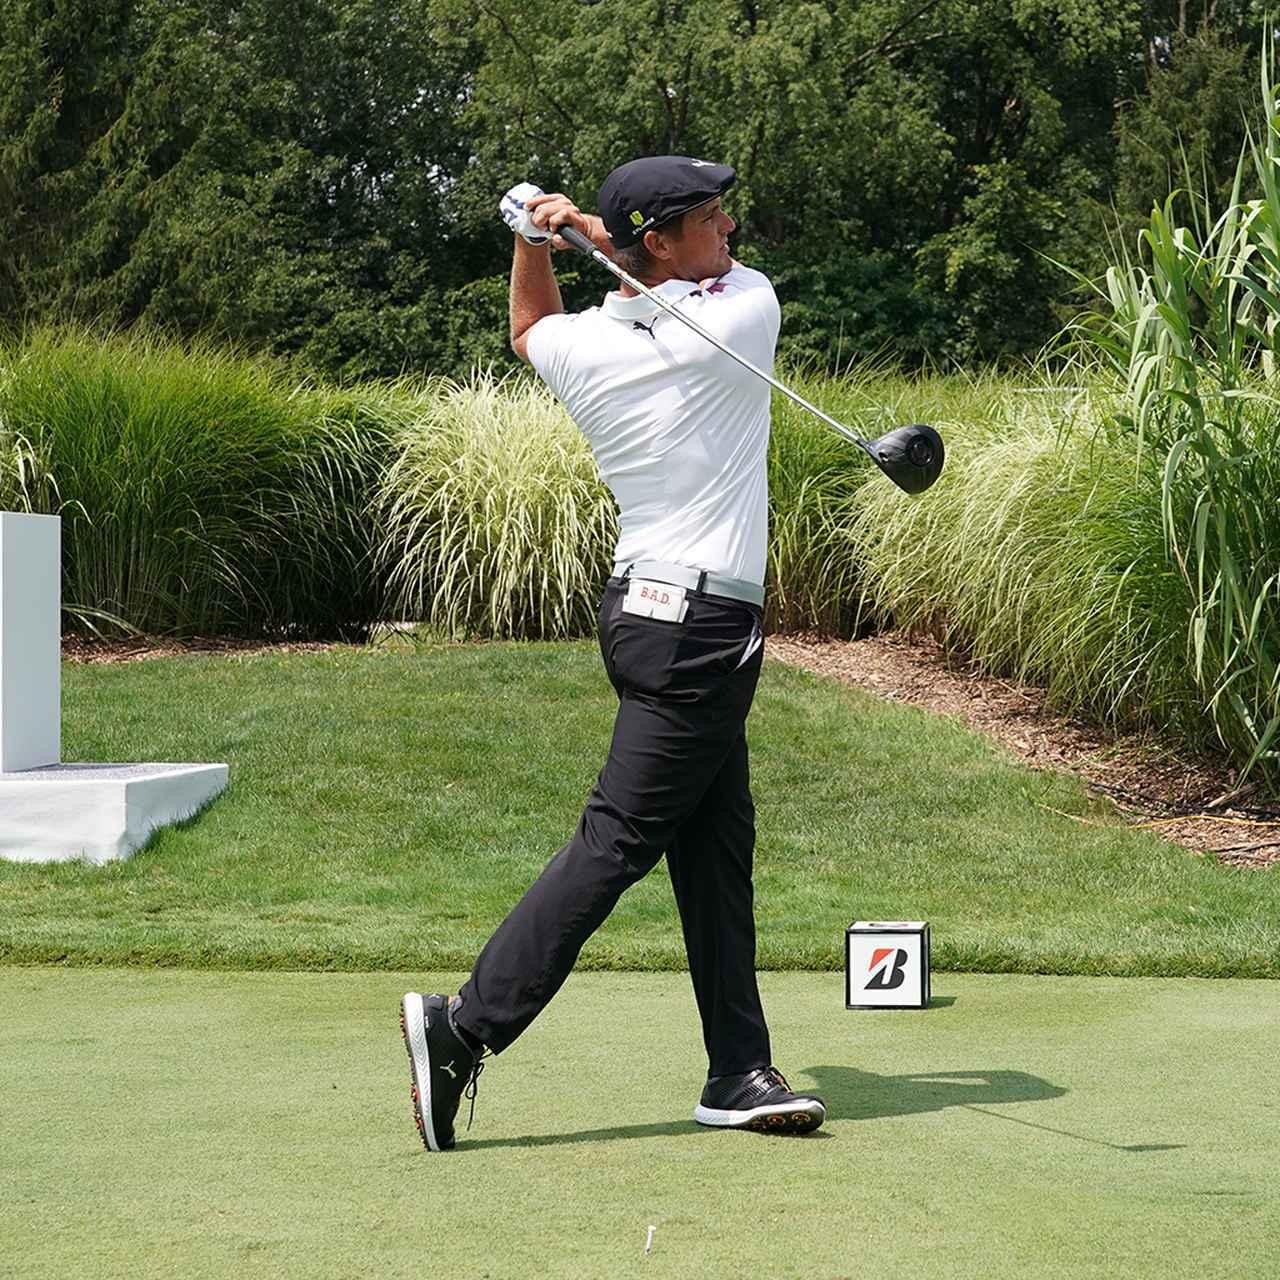 """画像2: 【ブライソン・デシャンボー】変則にみえて合理的。同じ動きで全クラブを網羅""""ライン出し""""スウィング。PGAツアー初戦も優勝"""